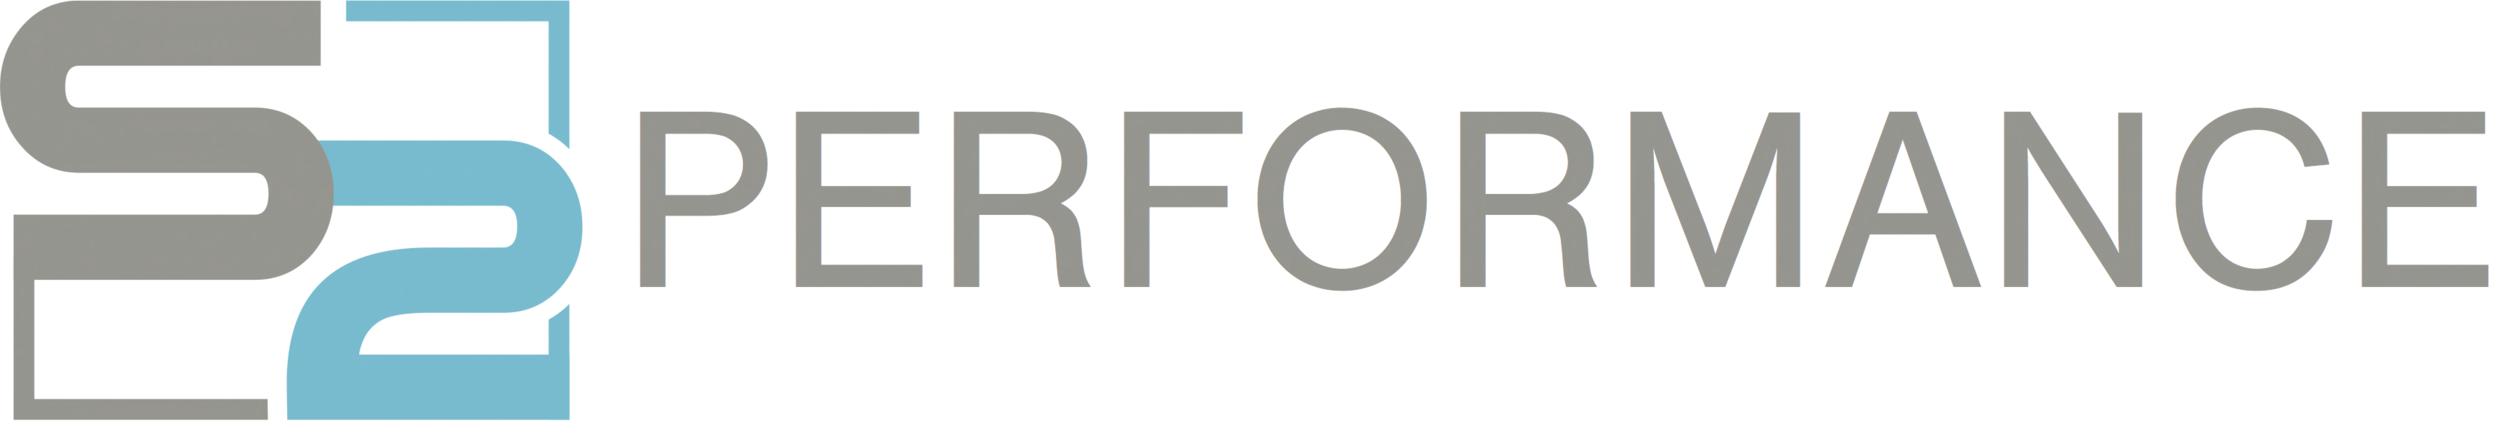 S2 horizontal logo.png